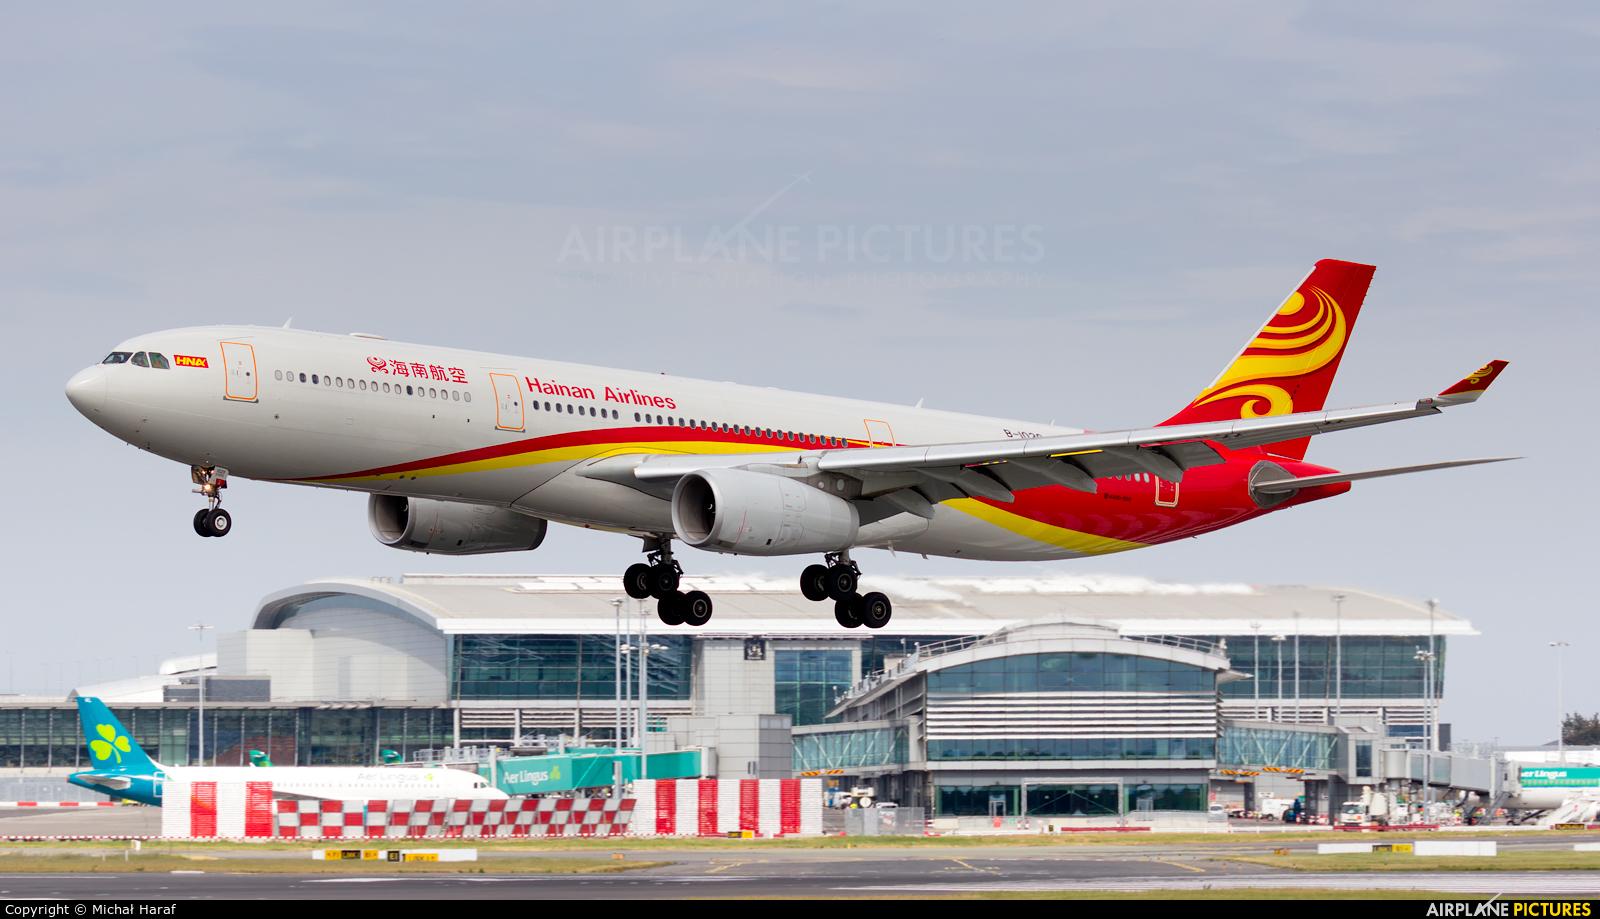 Hainan Airlines B-1020 aircraft at Dublin